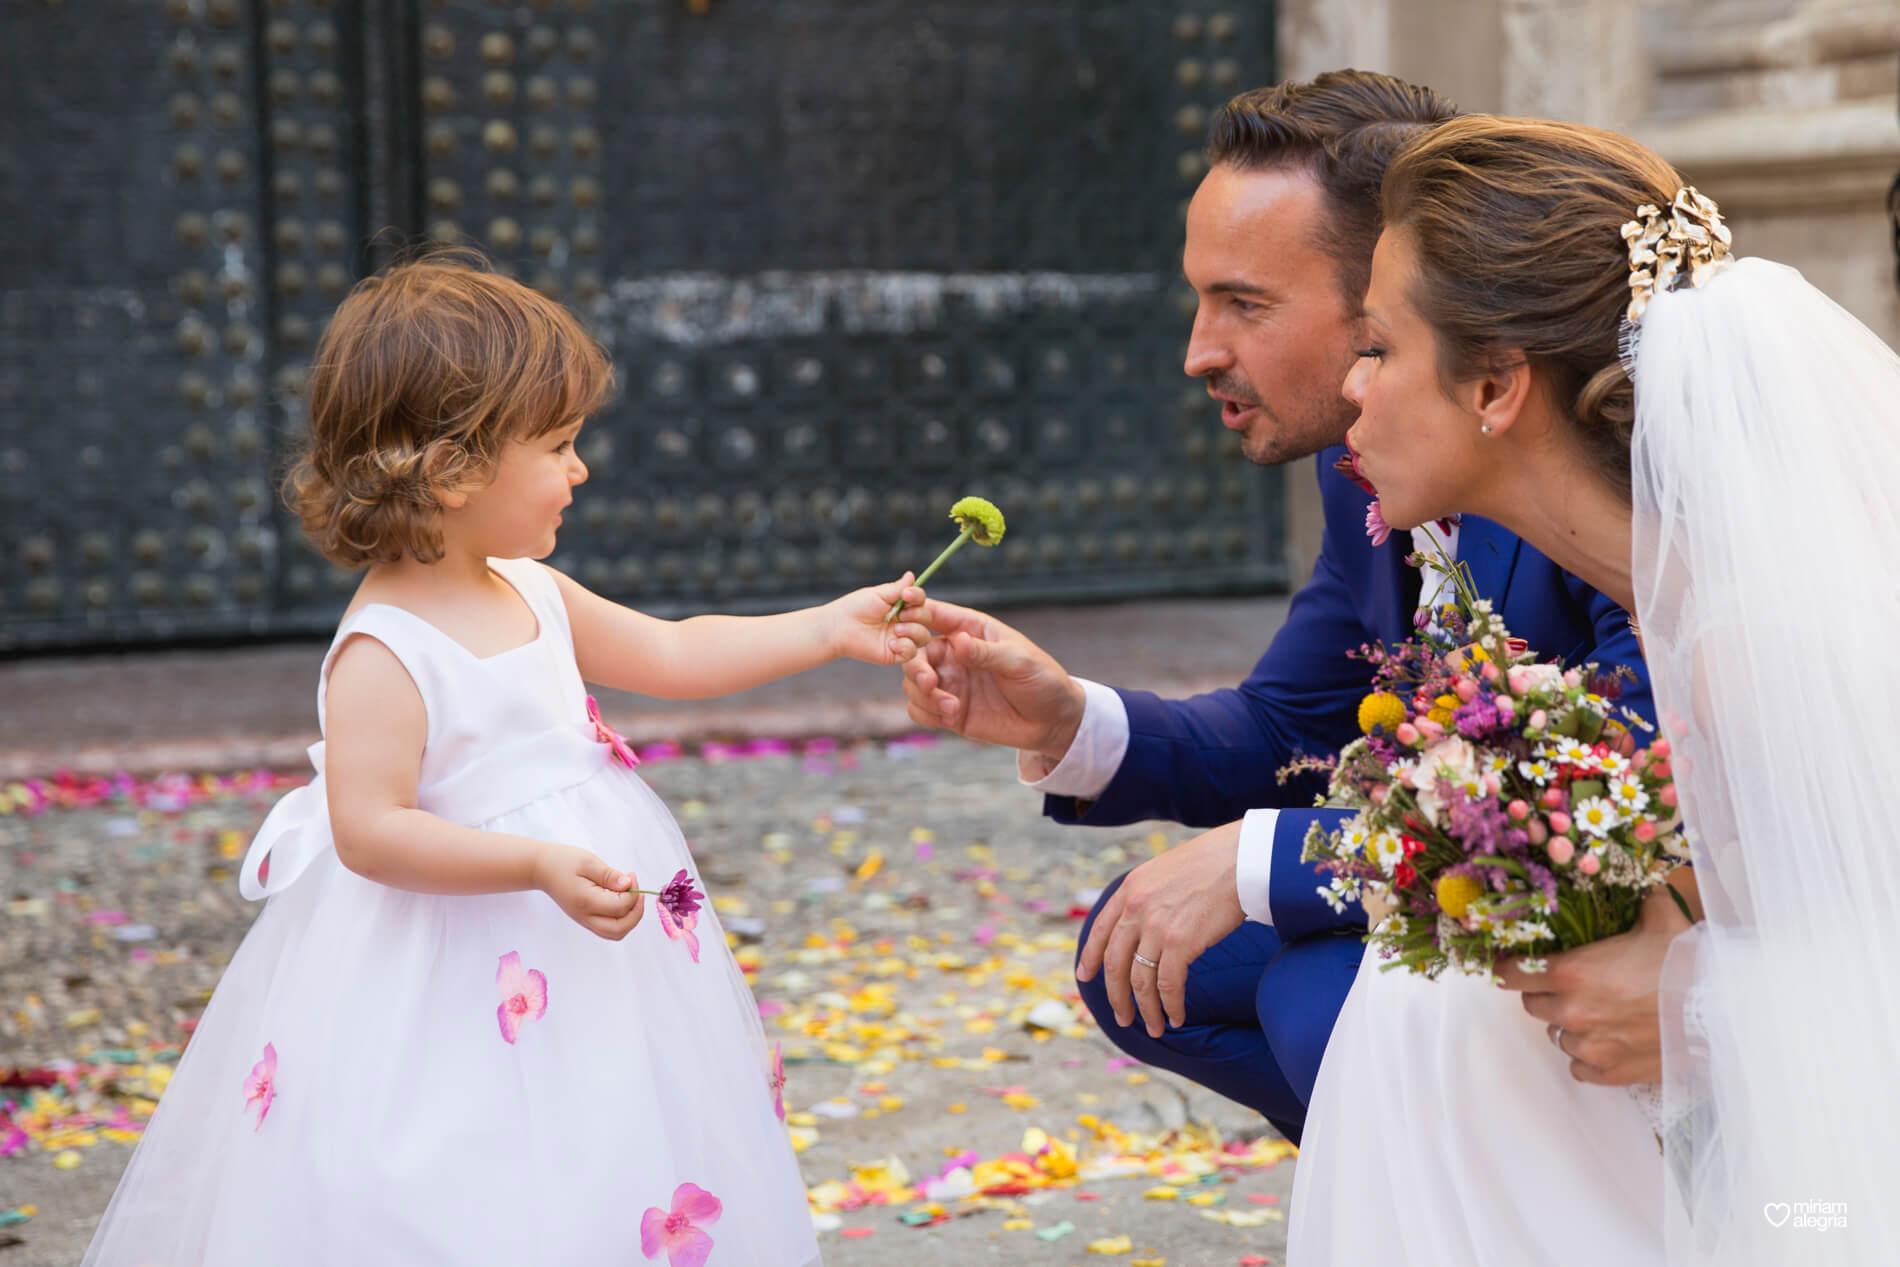 wedding-huerto-del-cura-elche-miriam-alegria-fotografos-boda-256